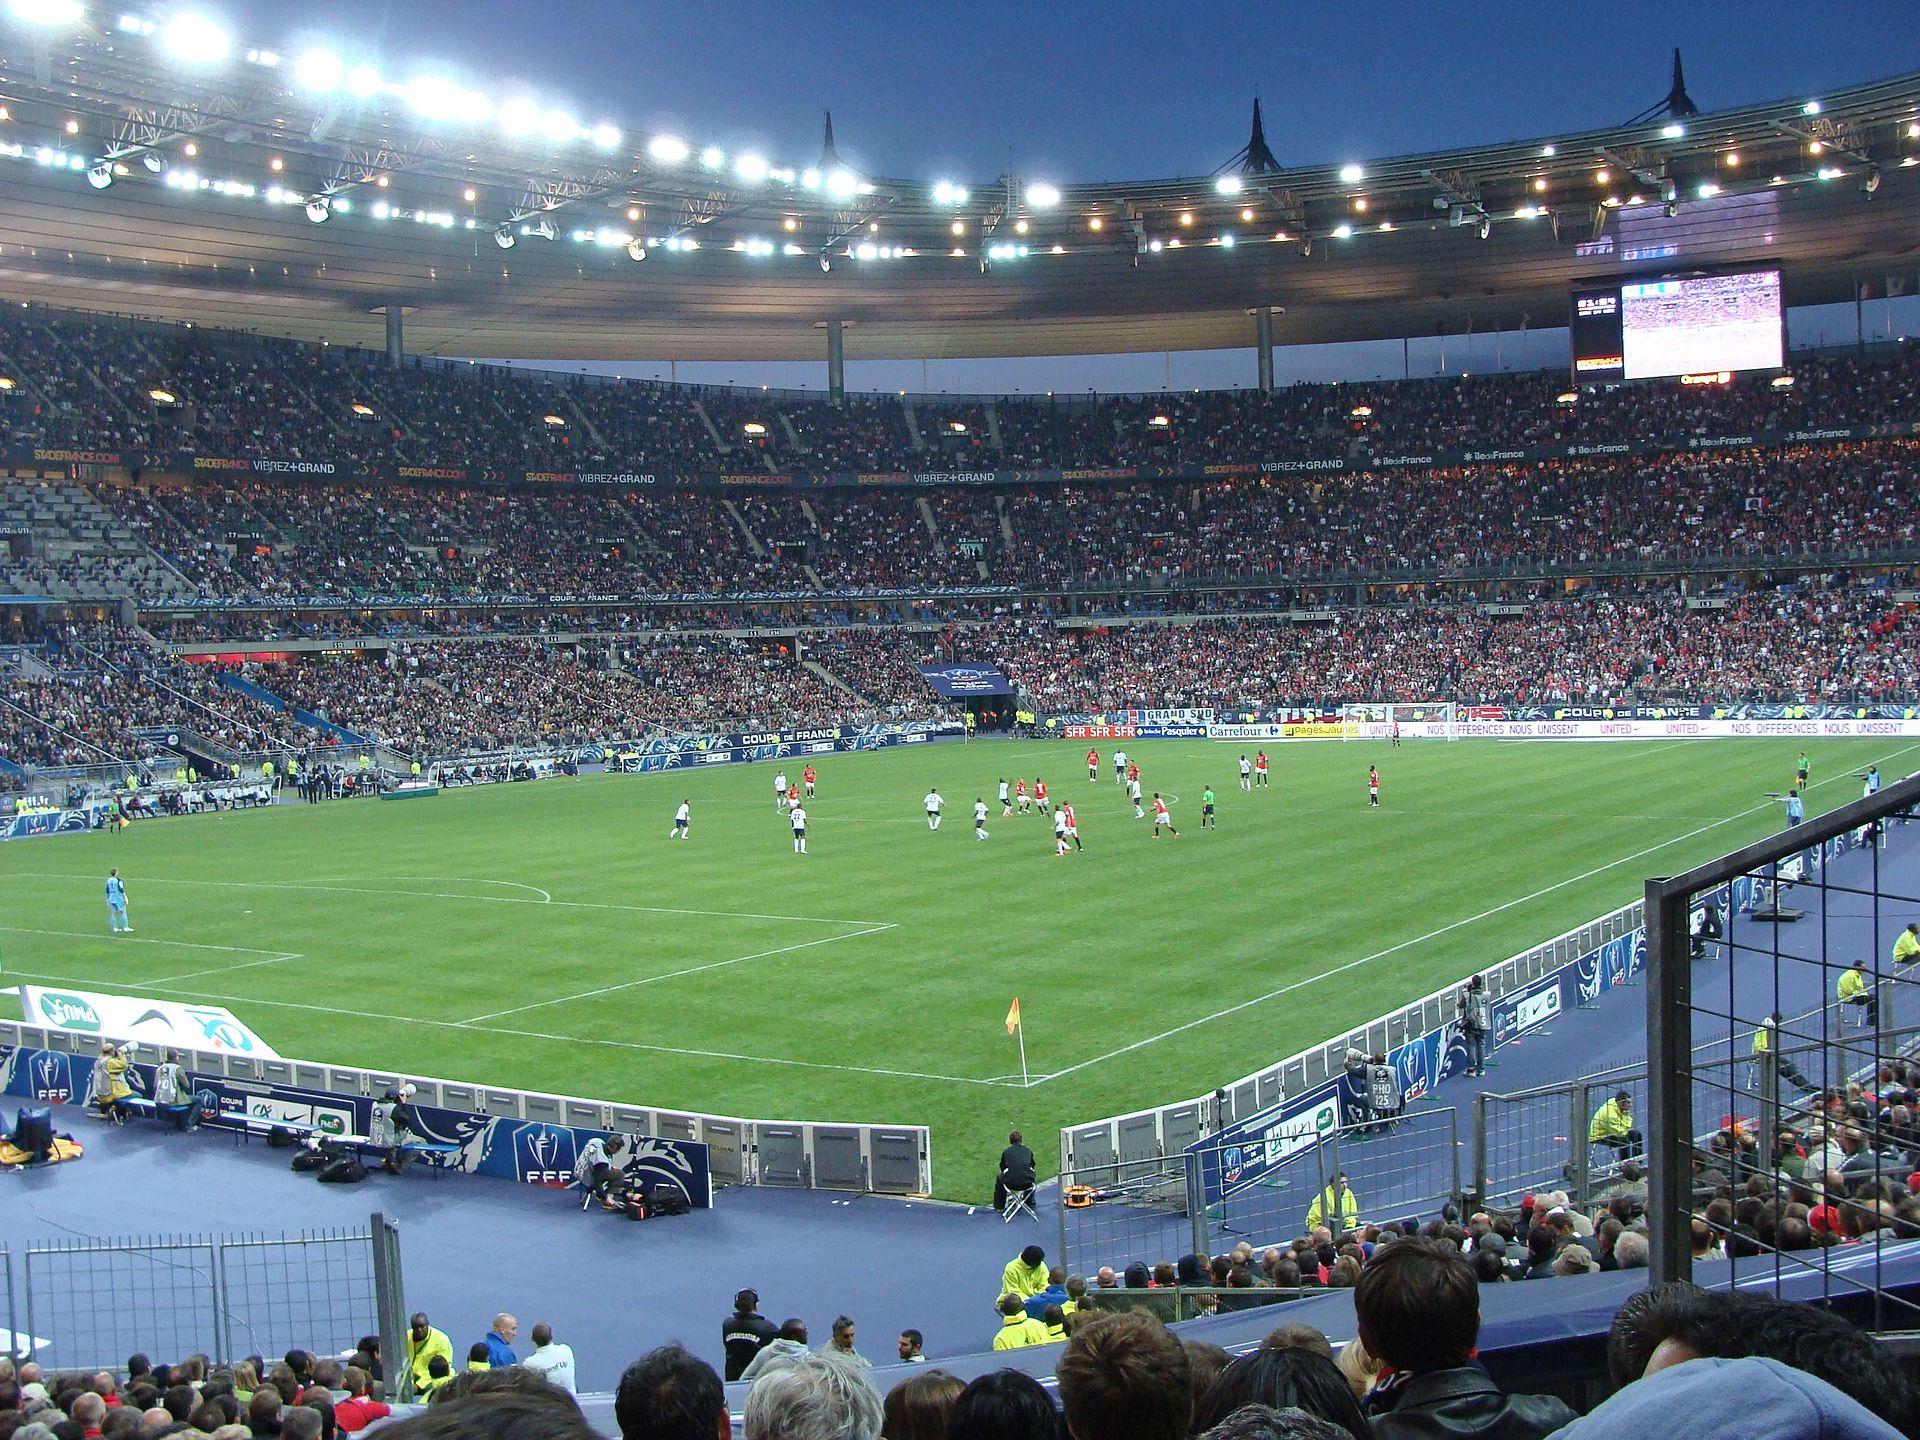 Finale du championnat d 39 europe de football 2016 wikip dia - Coupe de france france 3 ...